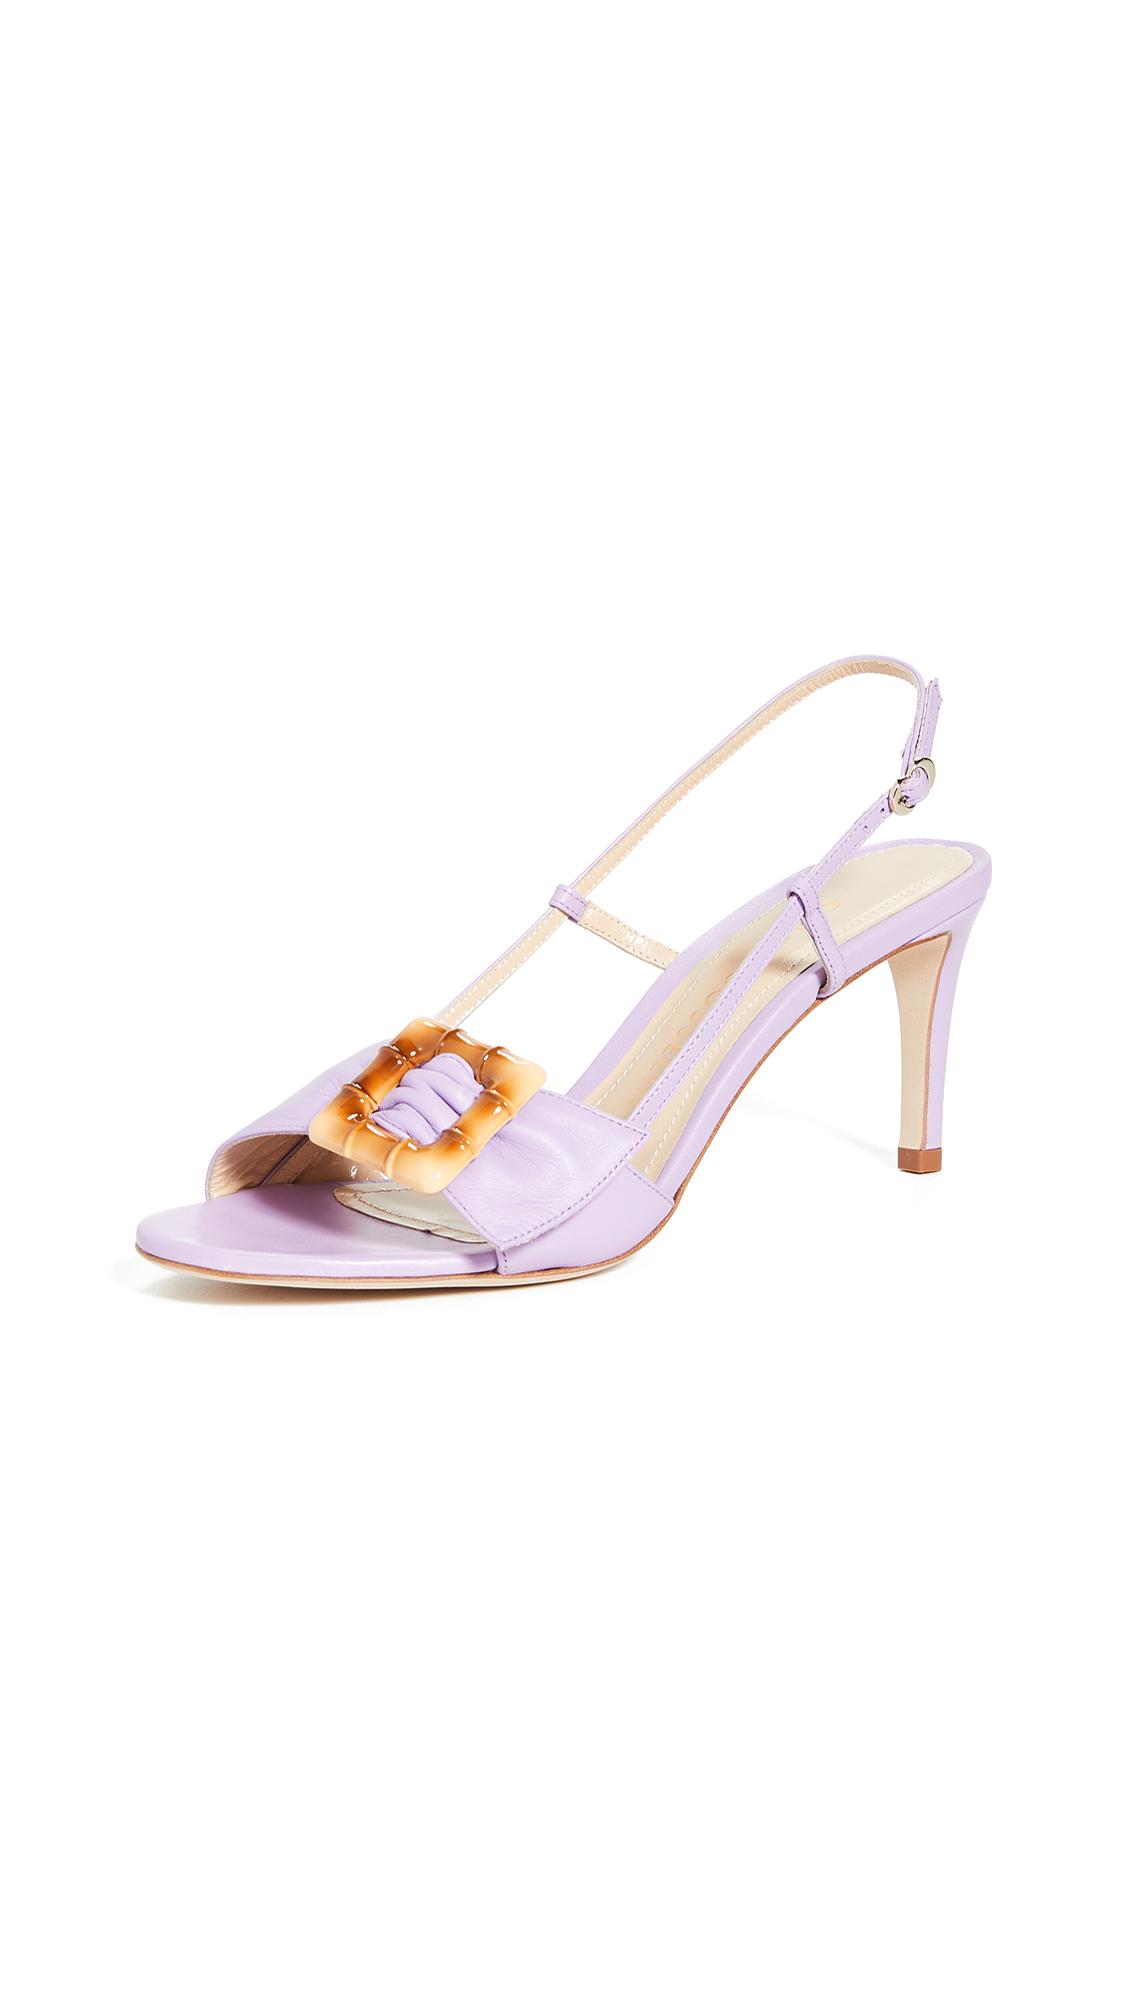 Chloe Gosselin Allie Open Toe Sandals – 60% Off Sale